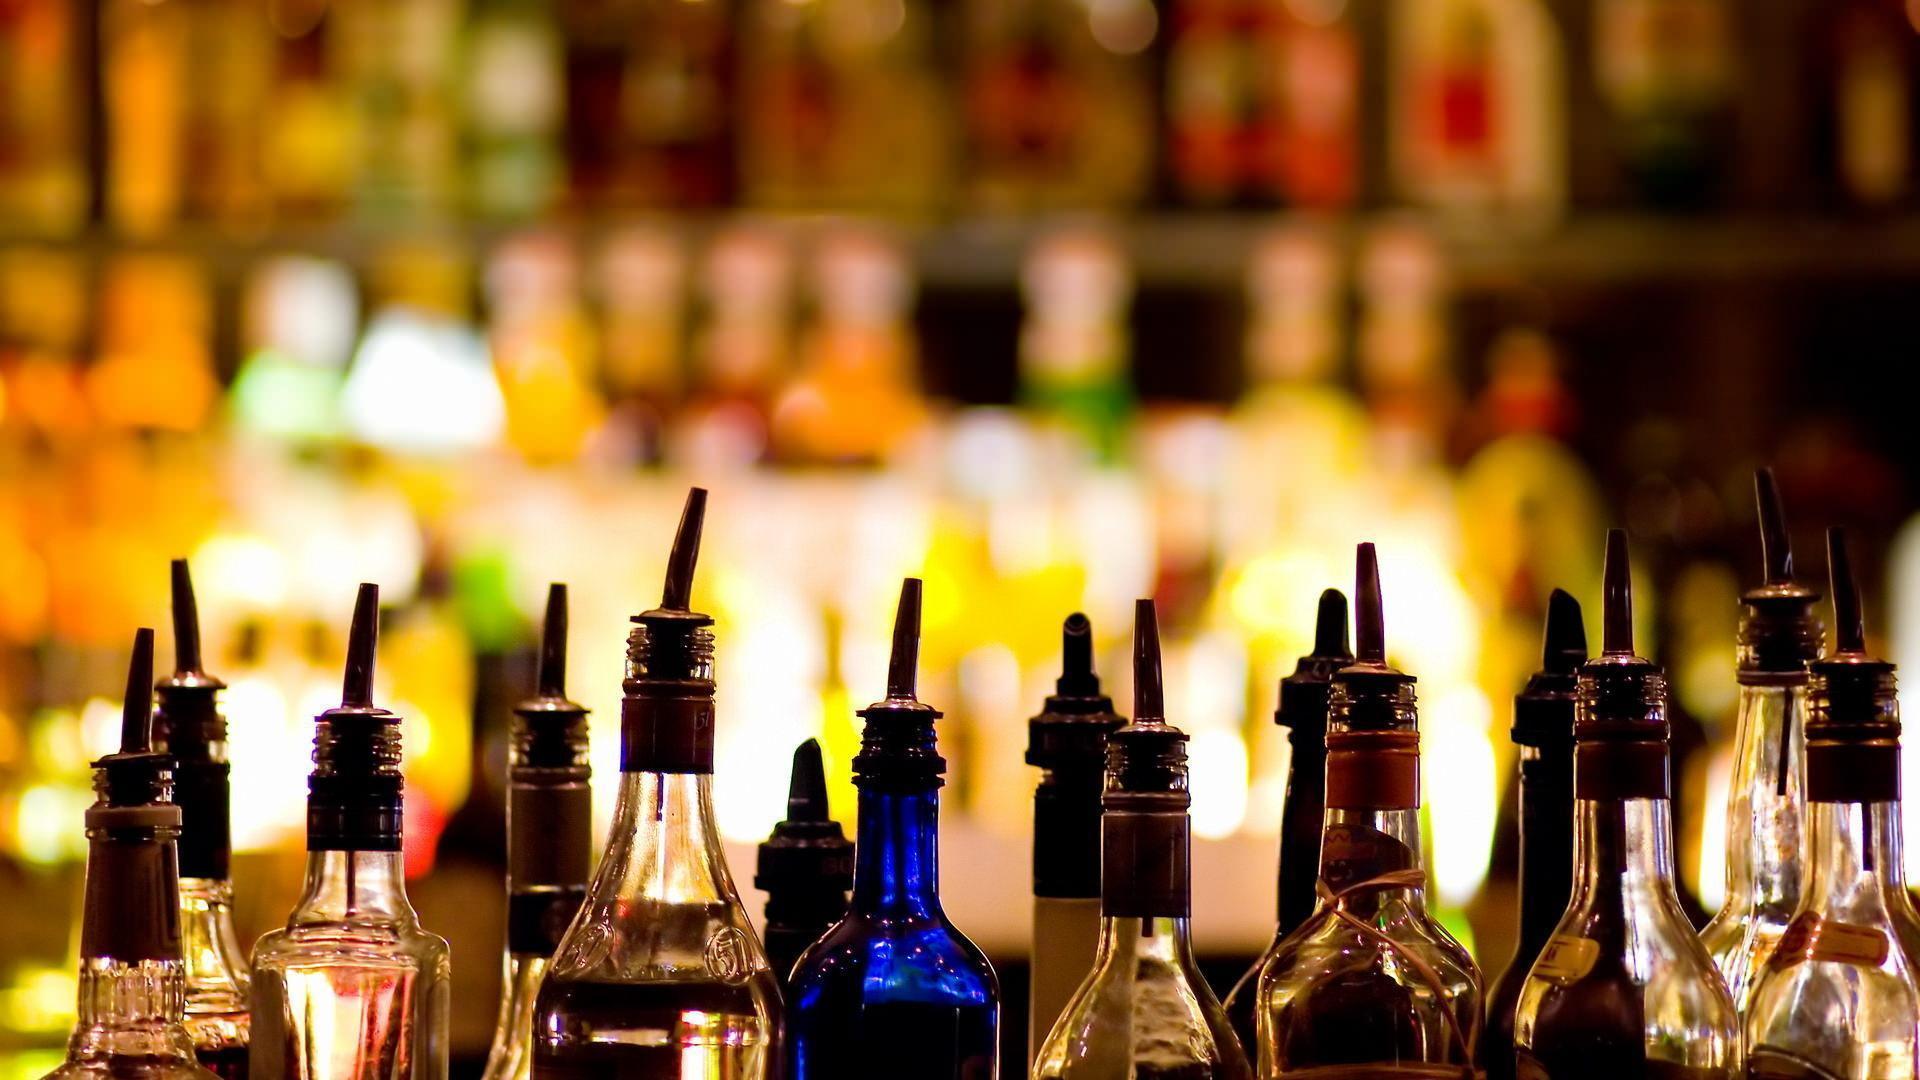 Более 86,5 тыс. бутылок алкоголя изъяли в Прииртышье из теневого оборота